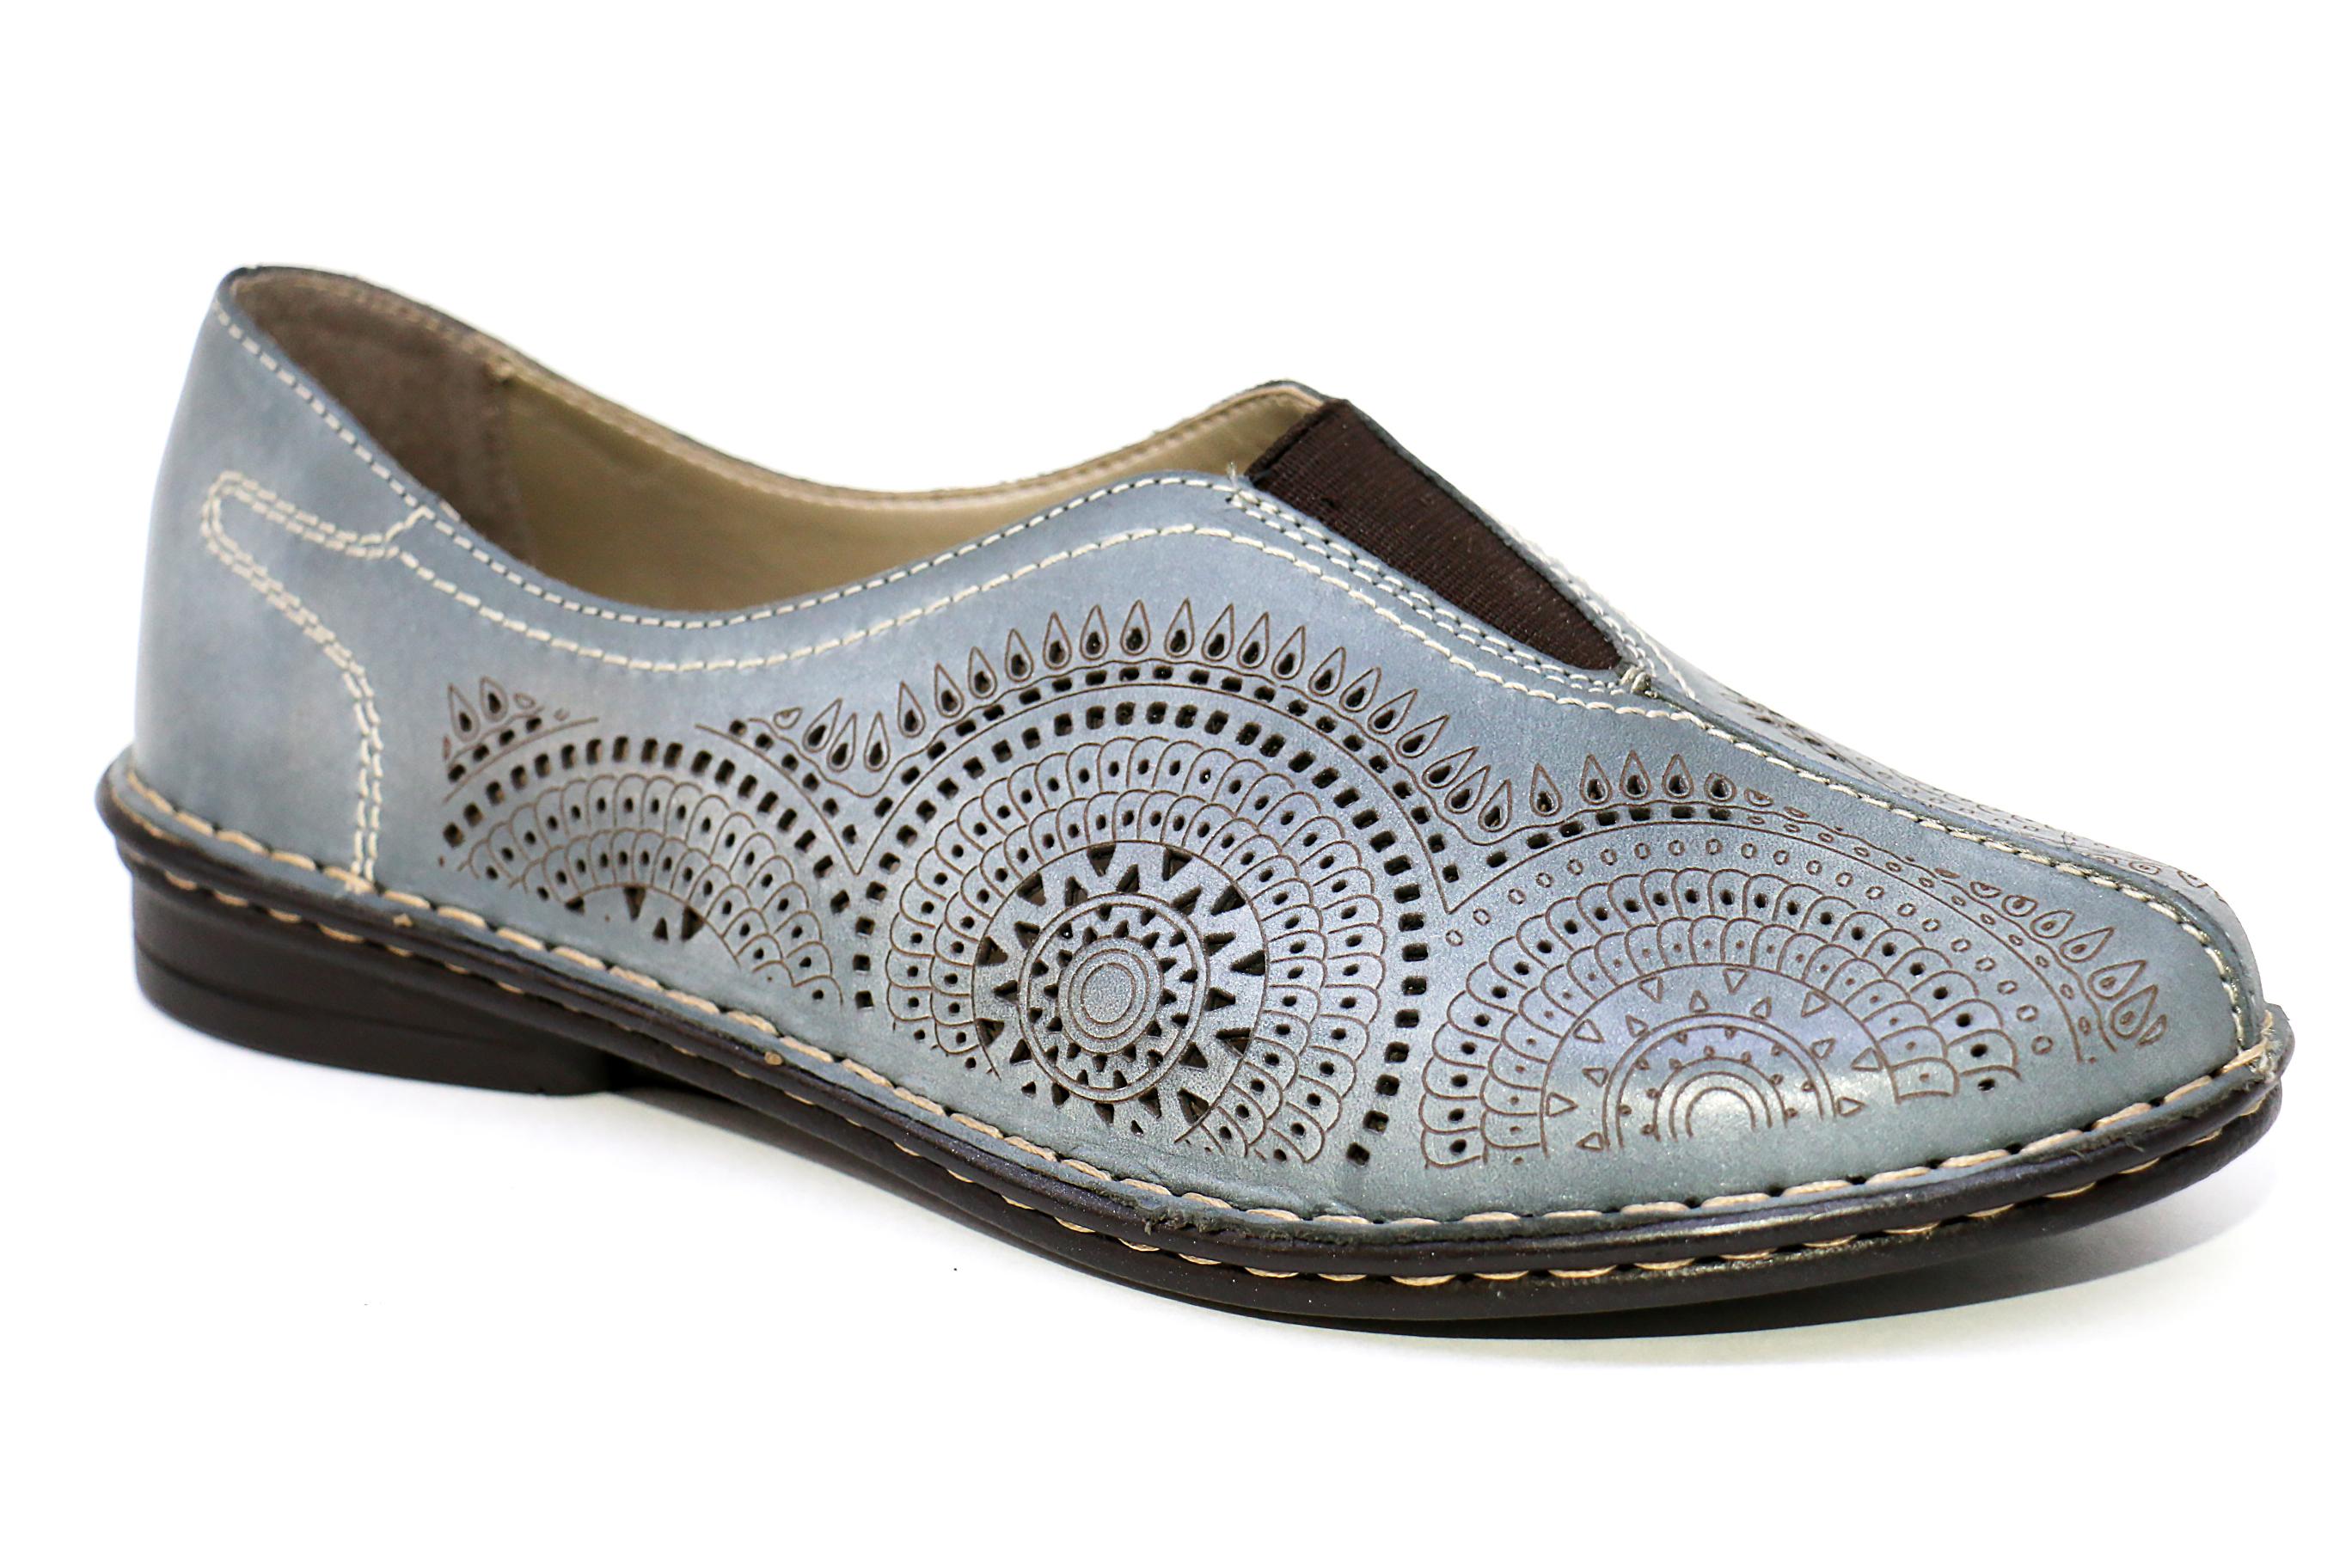 02d2e0d3b туфли женские Rieker 48457-12 | Обувь из Германии.Немецкая обувь ...